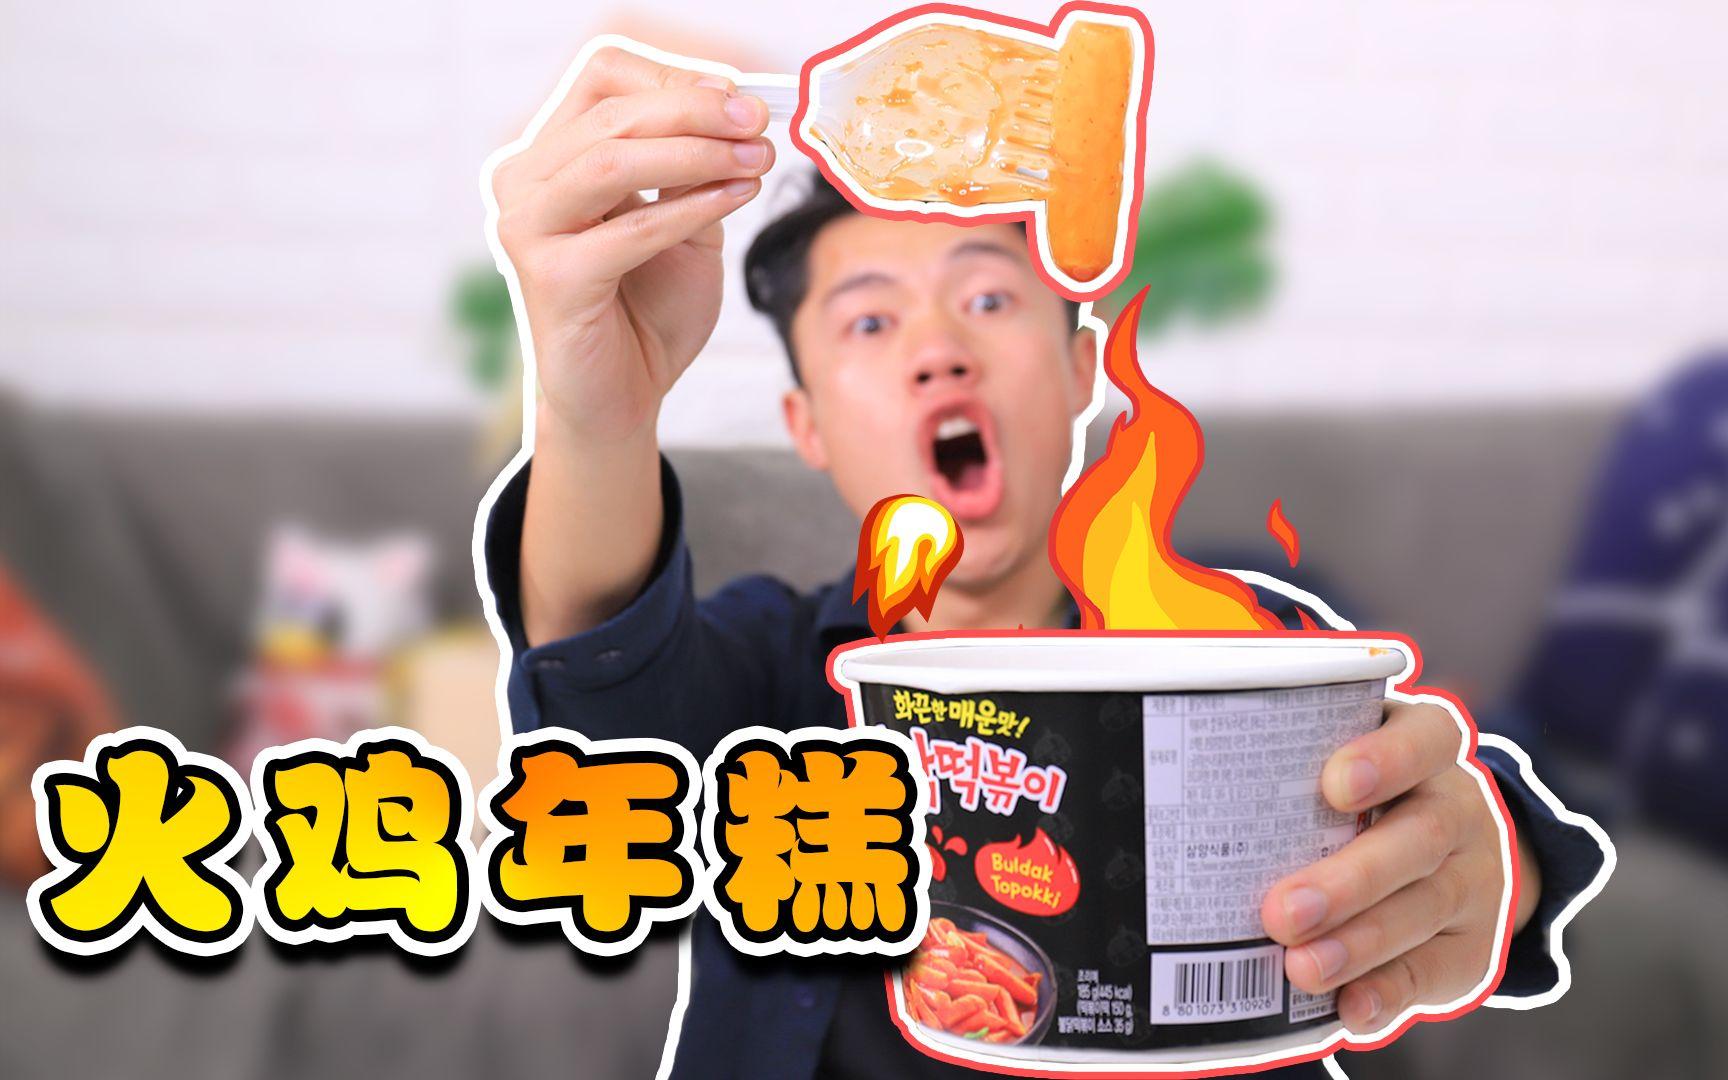 """三养火鸡又出全网最辣""""炒年糕""""?官方说比魔鬼辣还要辣,你信吗?"""